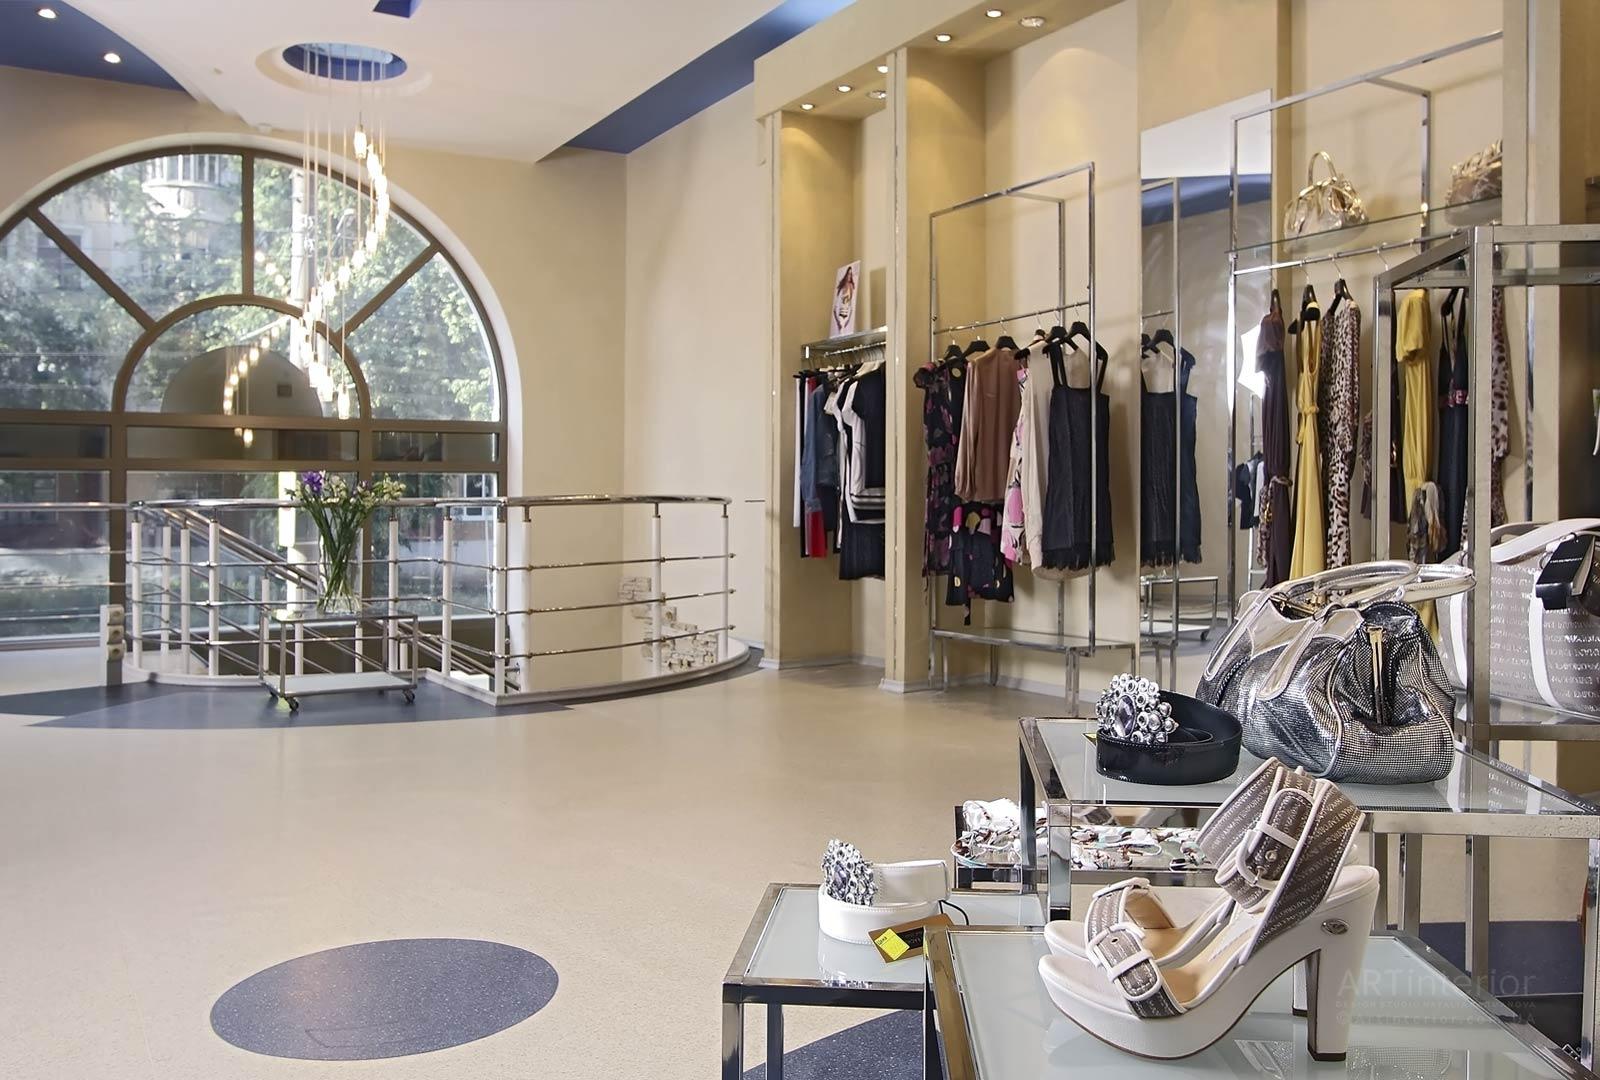 5dc645d51fcab магазин-бутик одежды и обуви | Дизайн и стиль интерьера квартиры, дома, ...